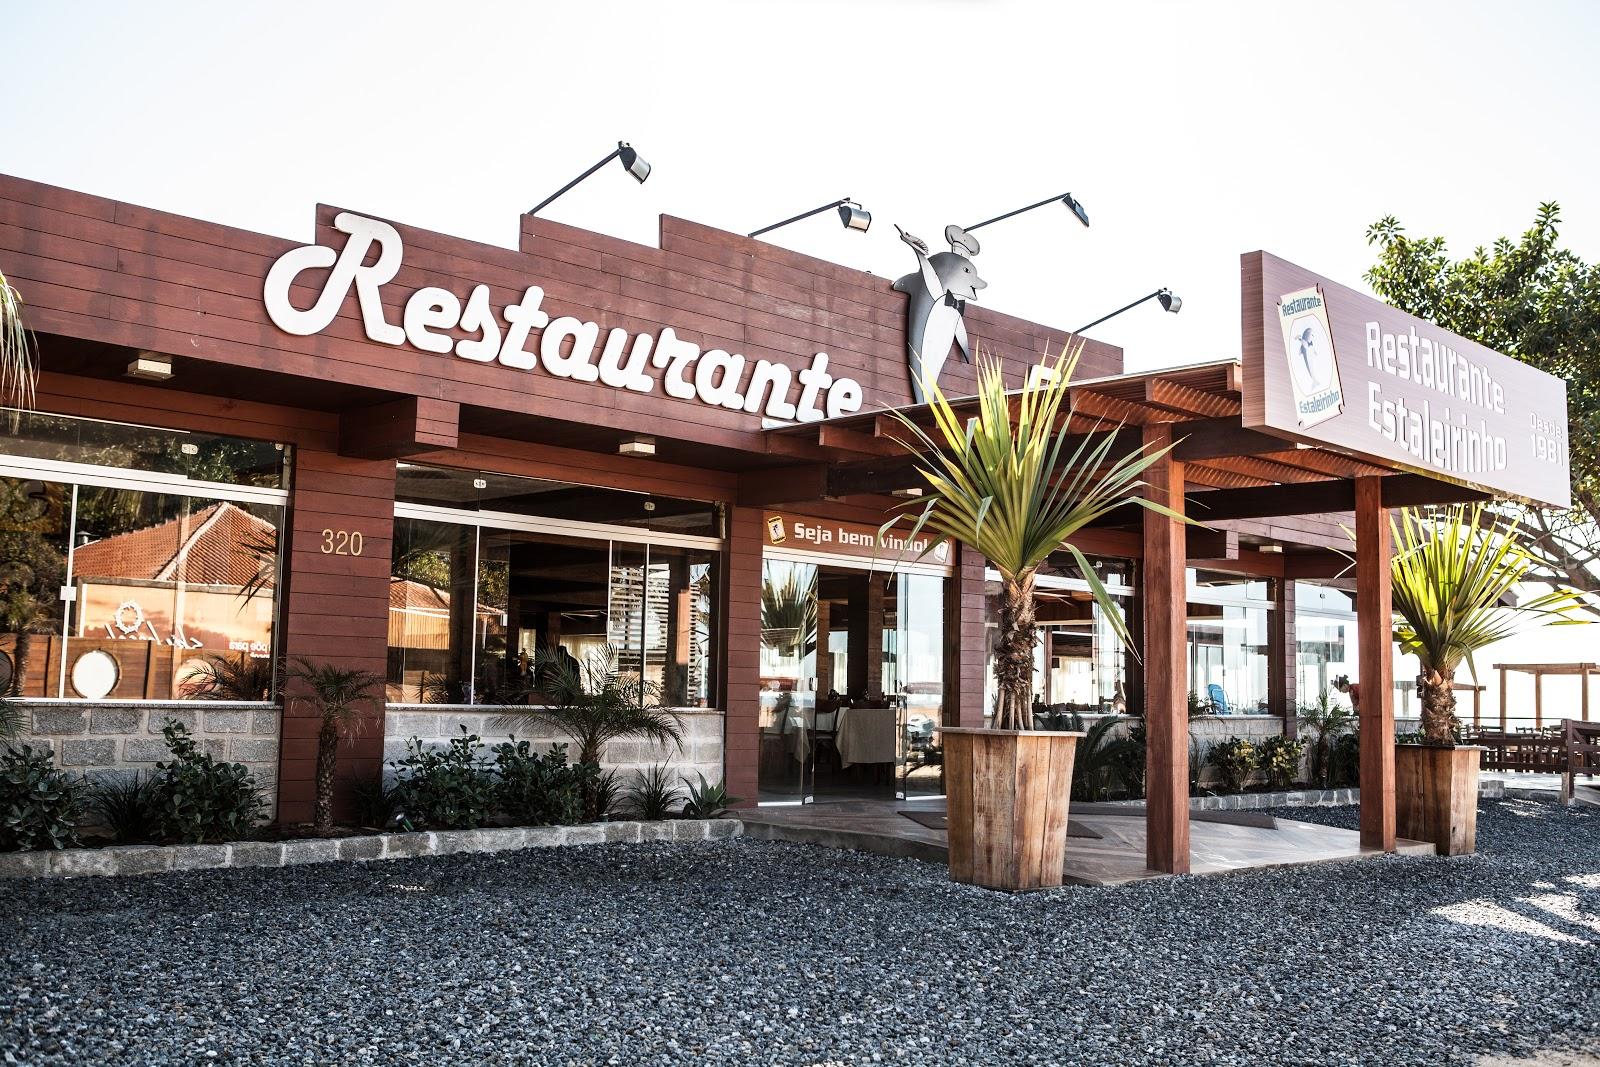 Tripify - Restaurante Estaleirinho, Balneário Camboriú